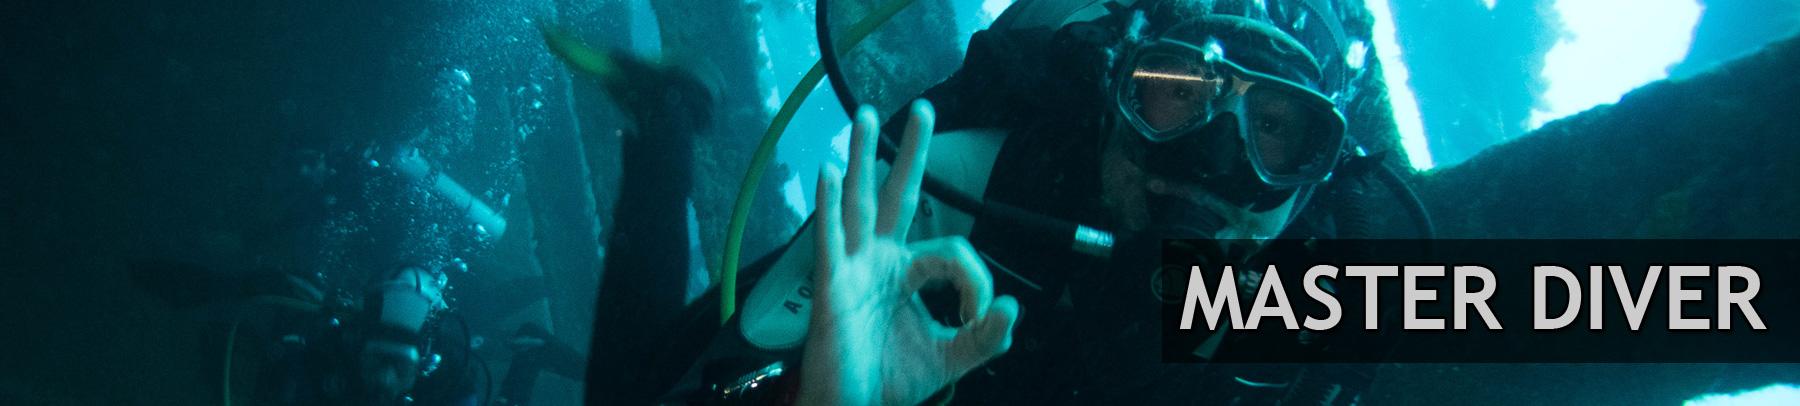 Kategorie-header-Master-Diver